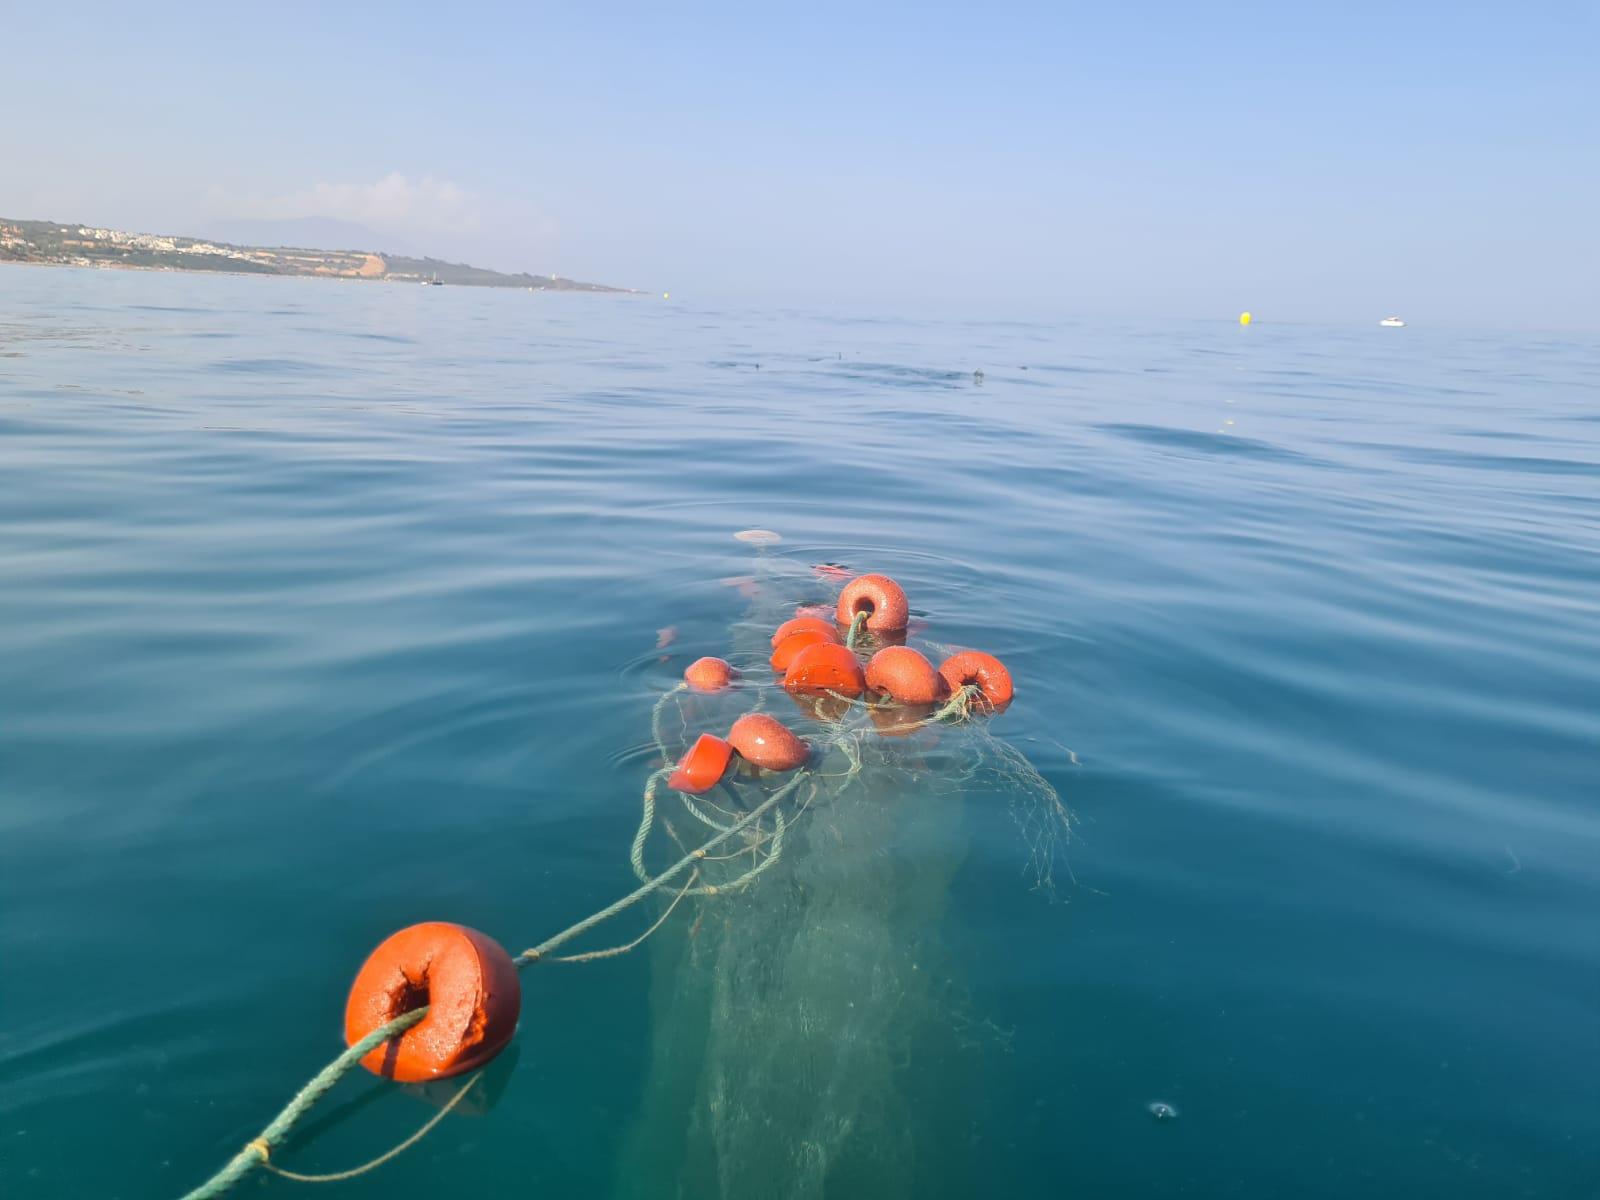 Redes del fondo marino a la deriva. Foto NG